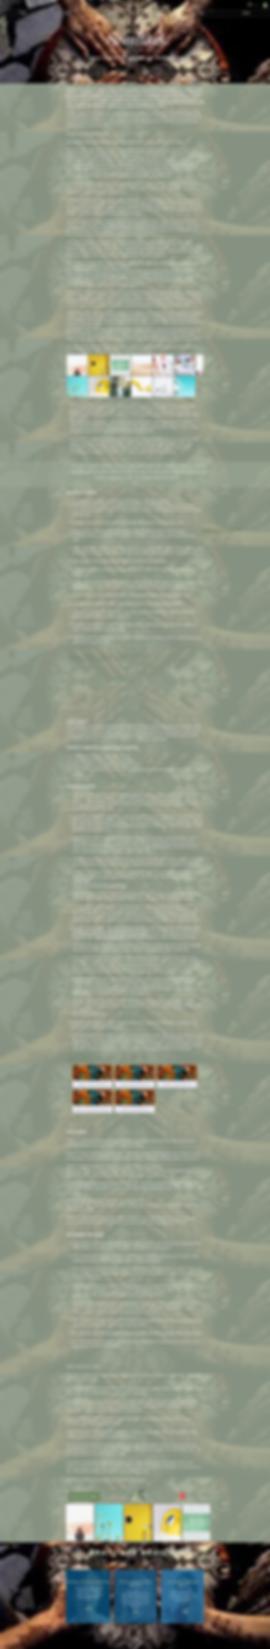 screencapture-earthmedicinehealing-oldse